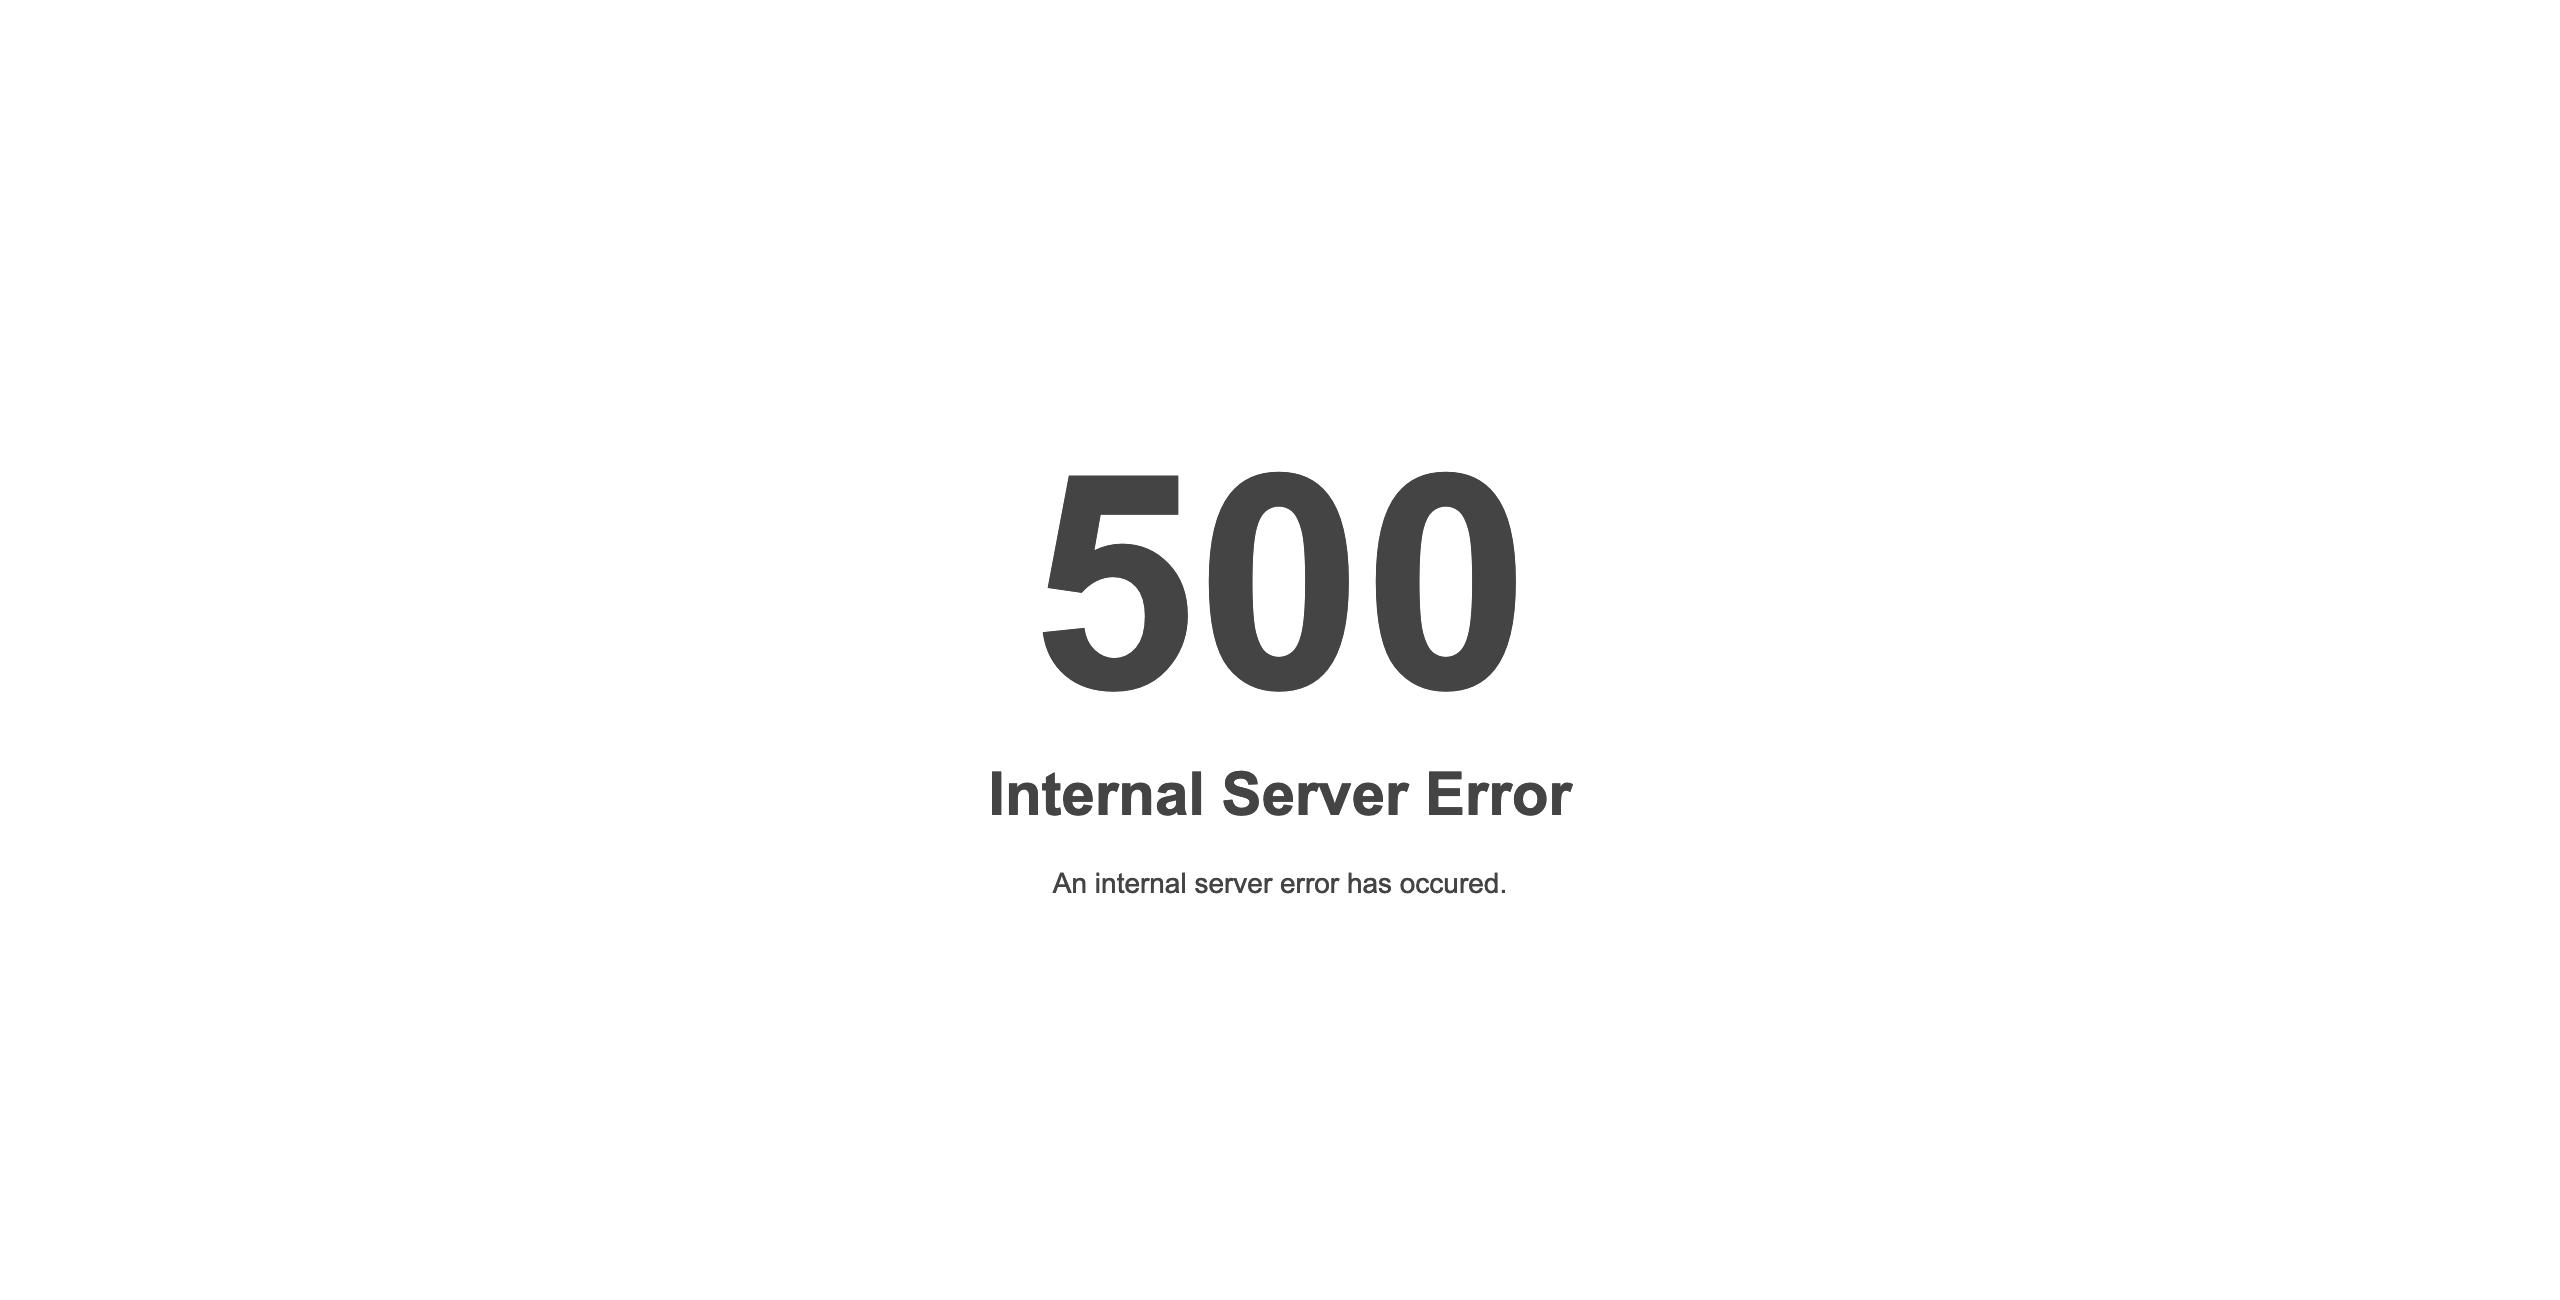 Ошибка 500 Internal Server Error на сервере с LiteSpeed